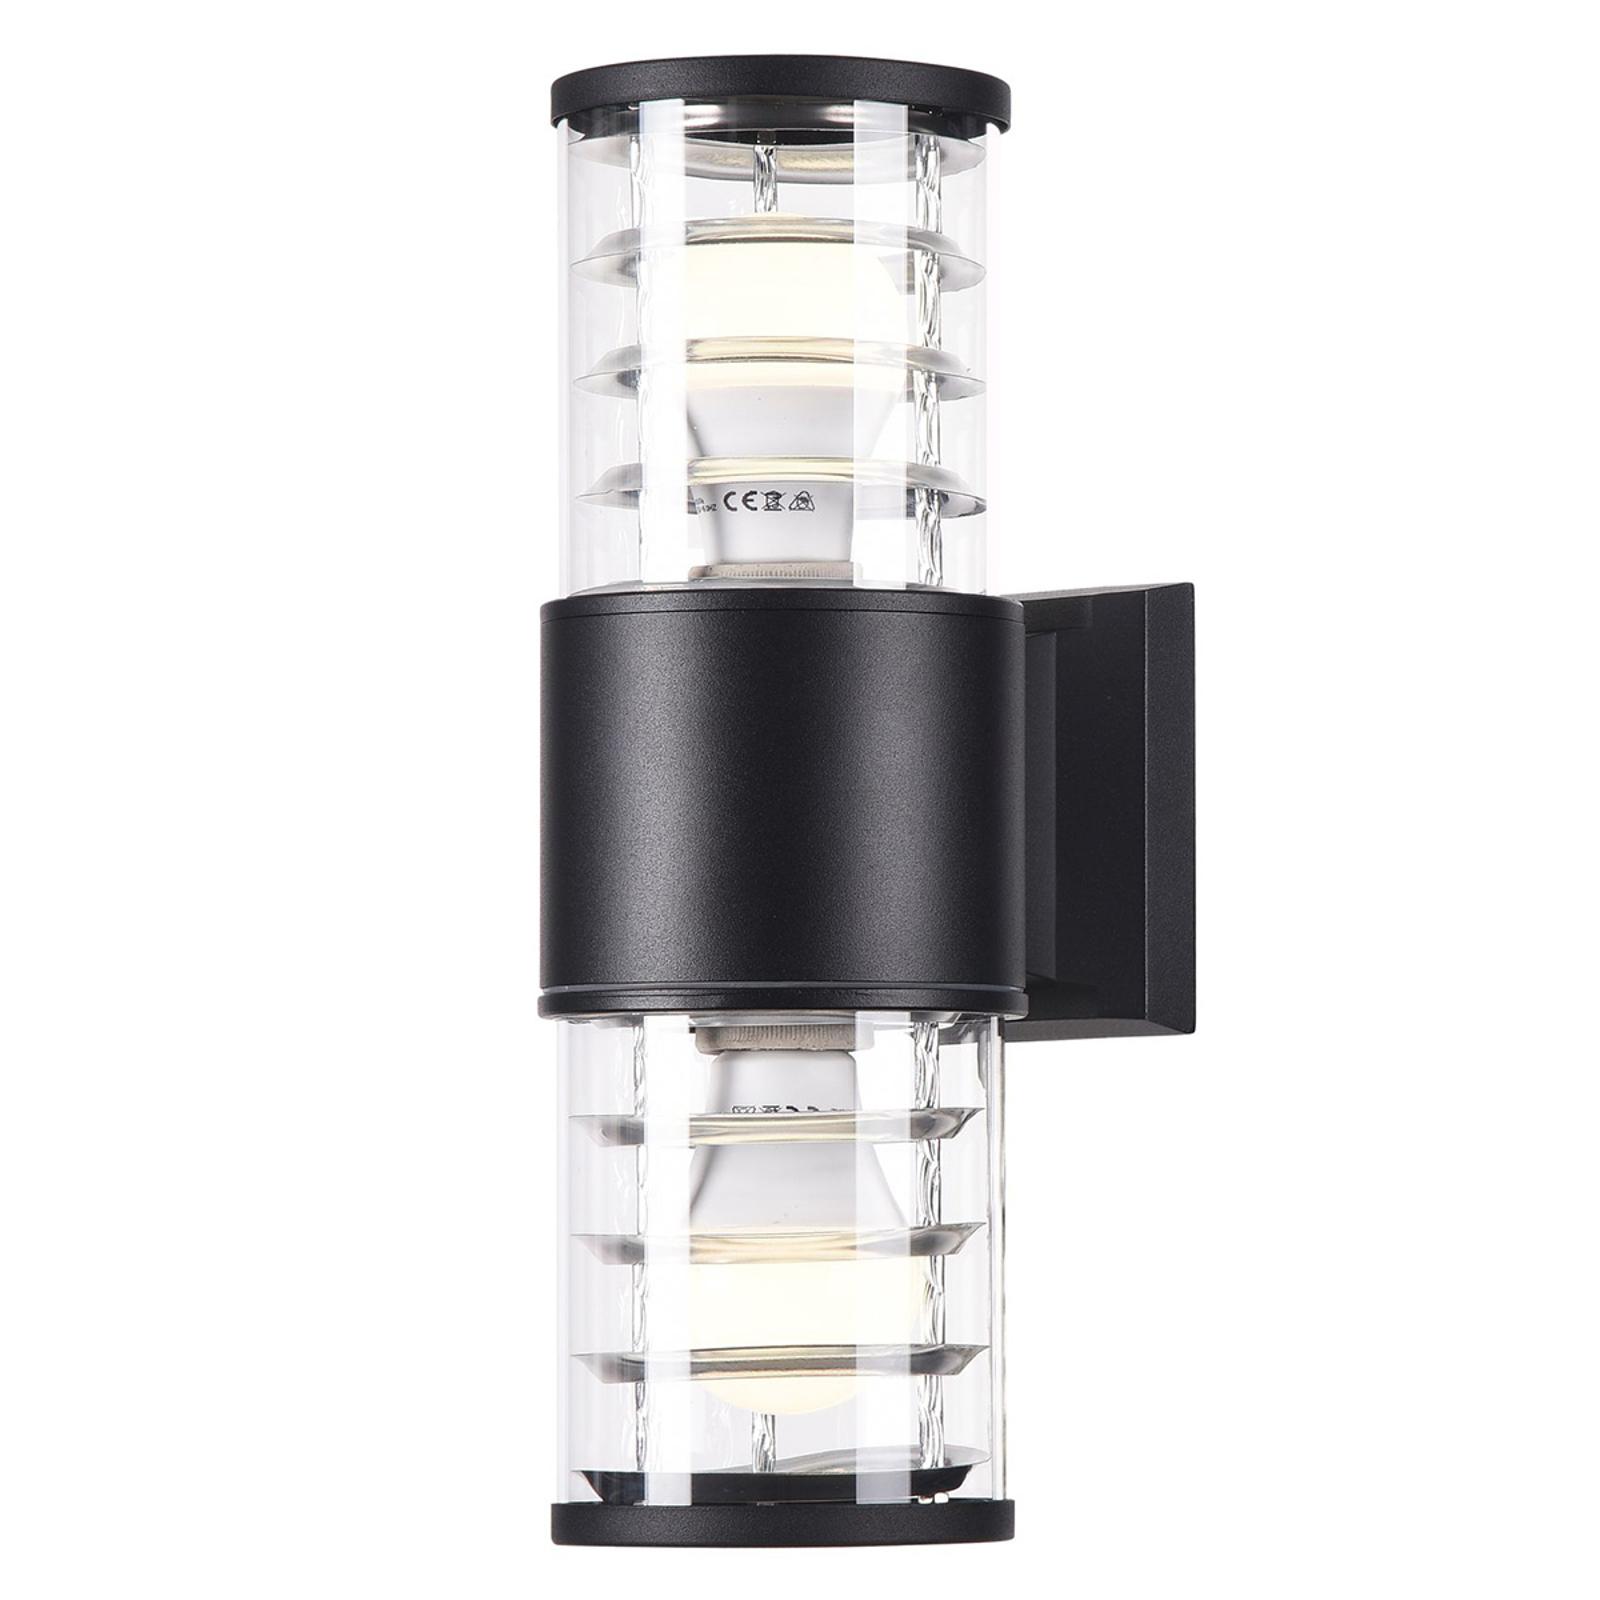 Buitenwandlamp Bronx 2-lamps